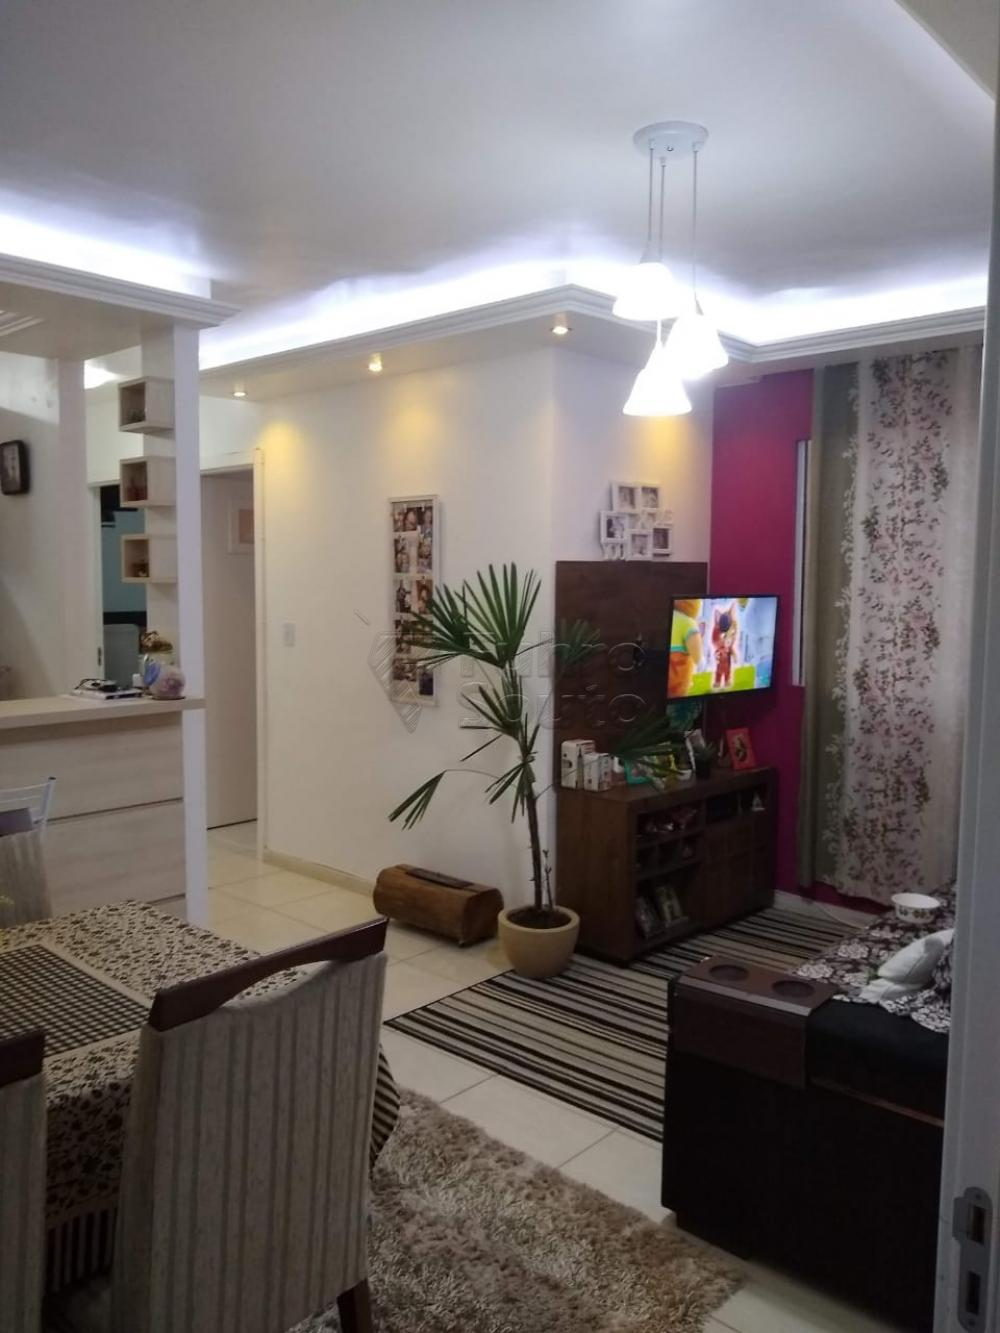 Comprar Apartamento / Padrão em Pelotas R$ 160.000,00 - Foto 2